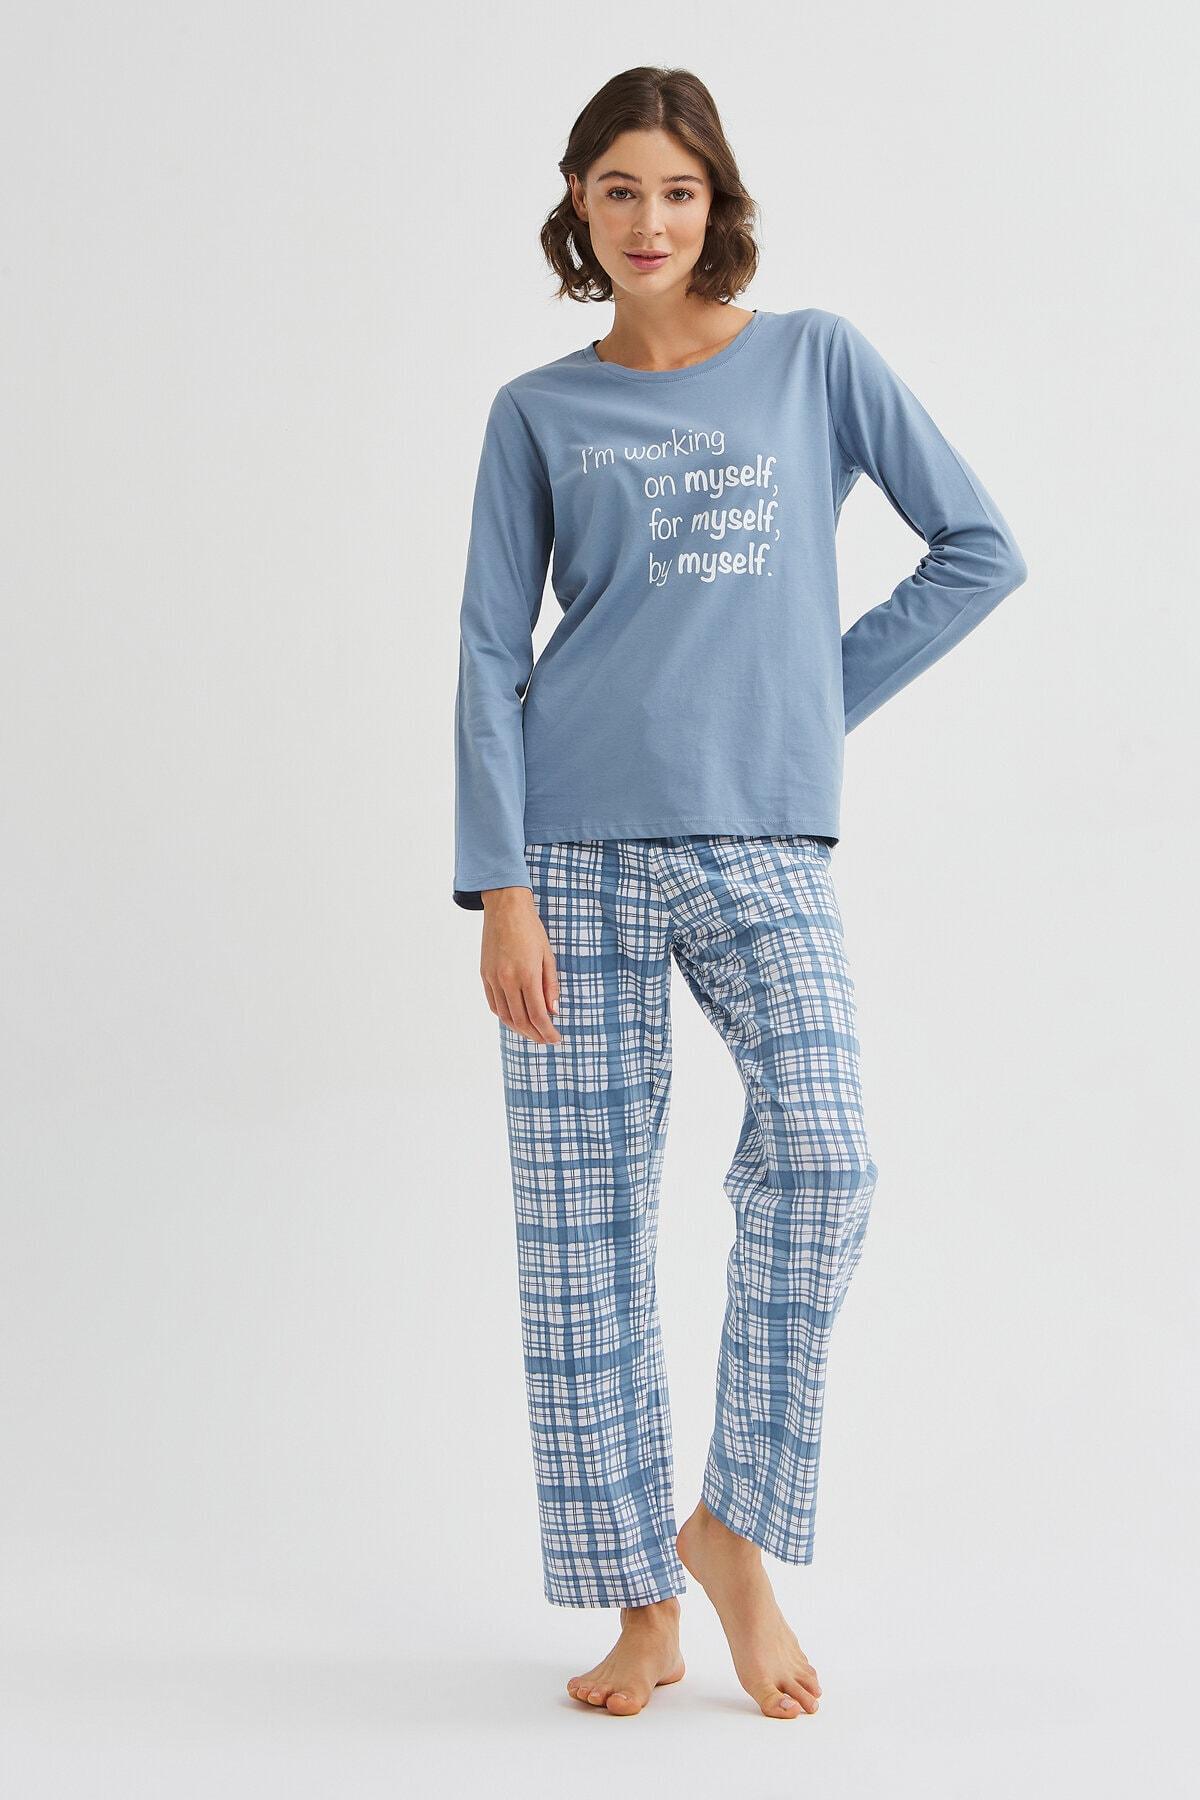 Penti Myself Pijama Takımı 1